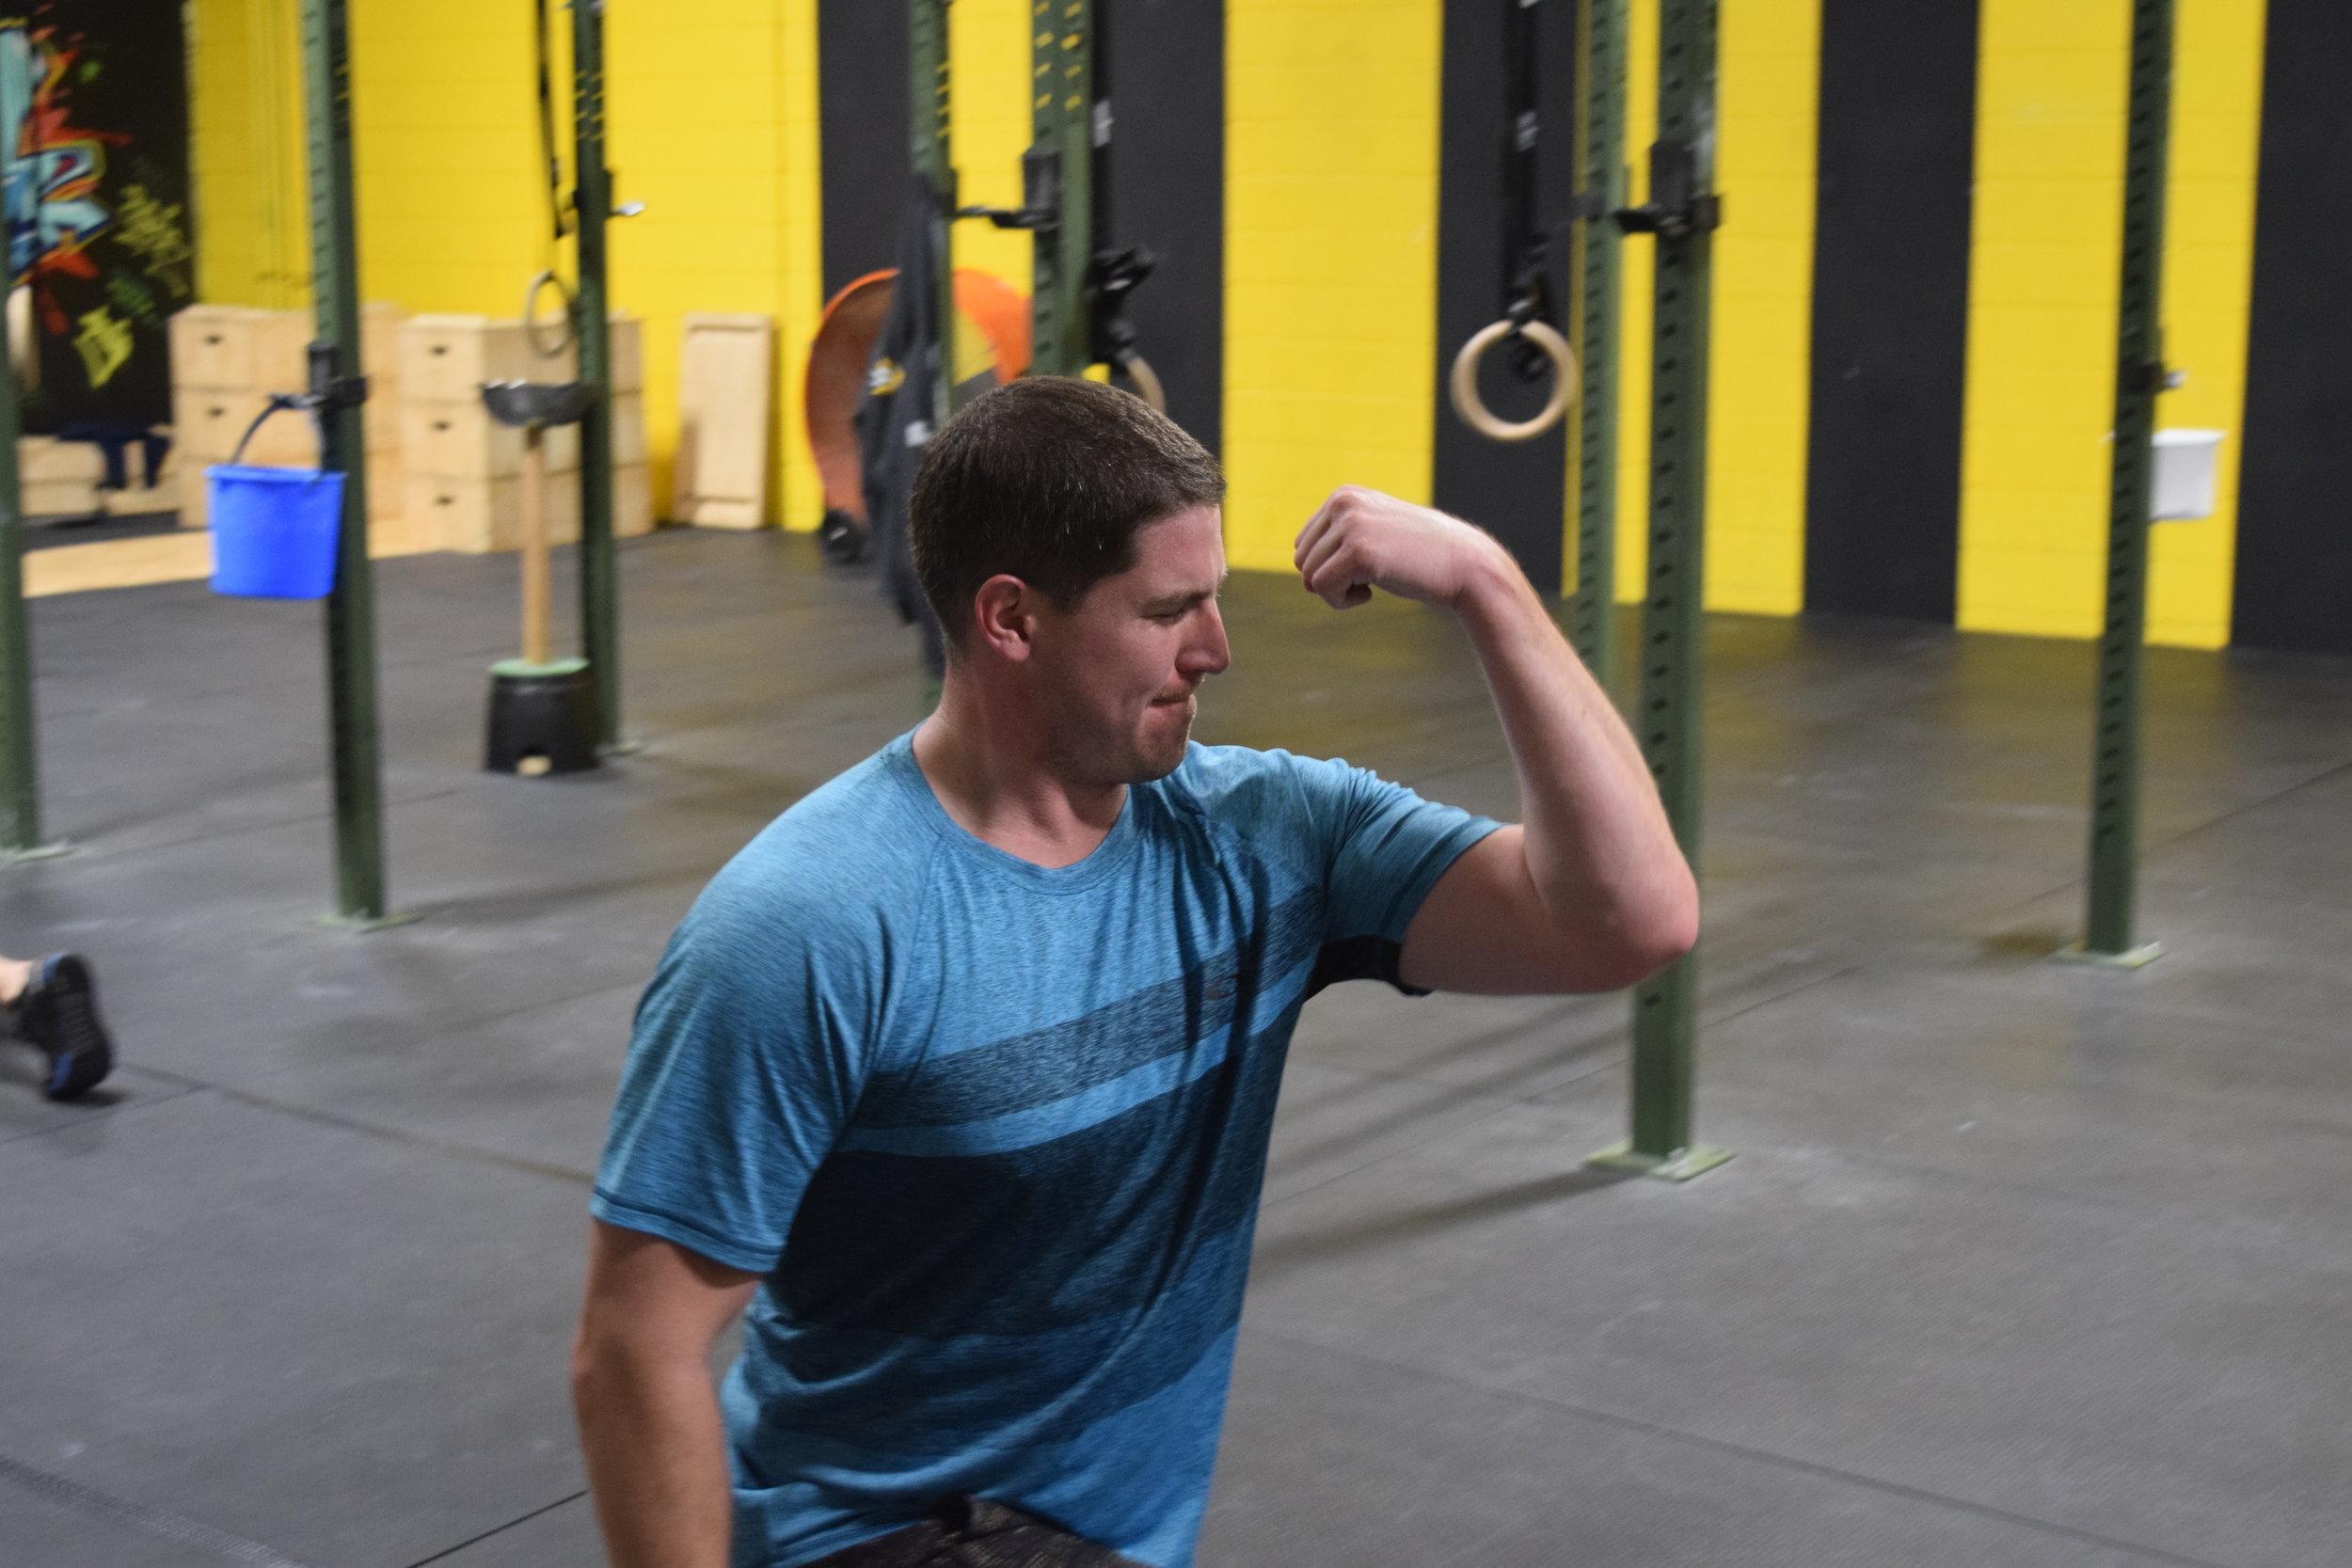 Get Those Biceps!